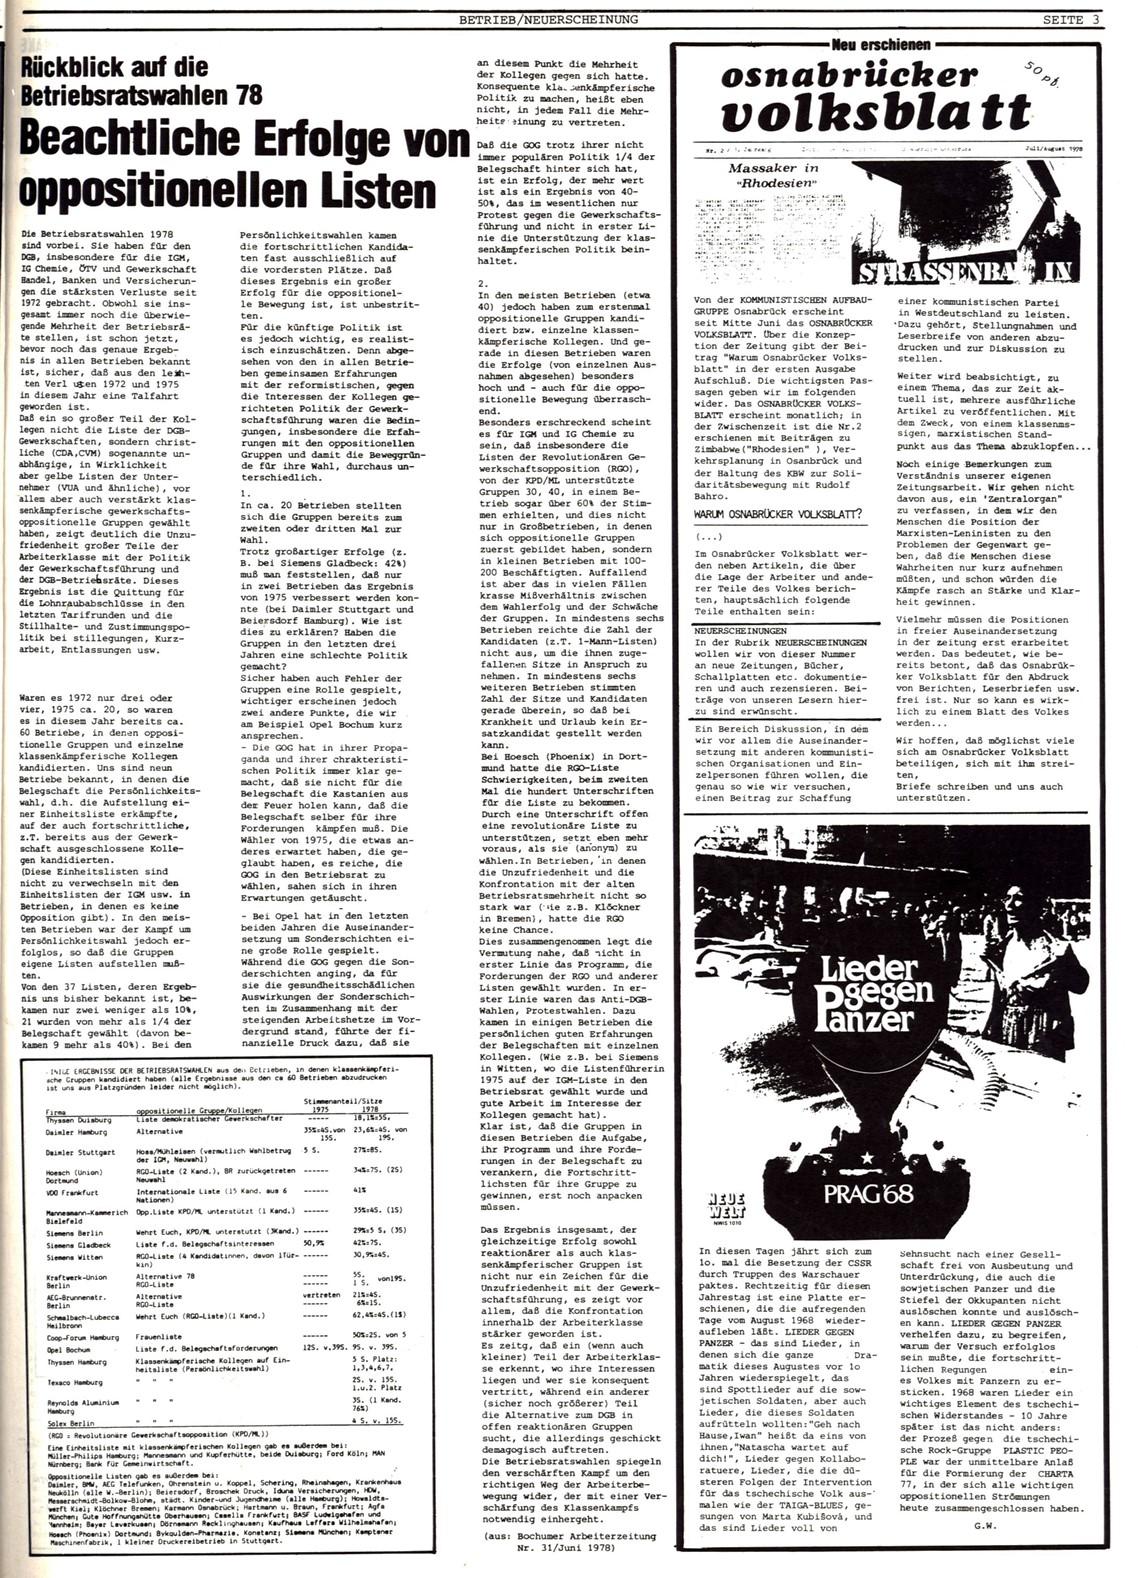 Bonner_Volksblatt_15_19780802_03